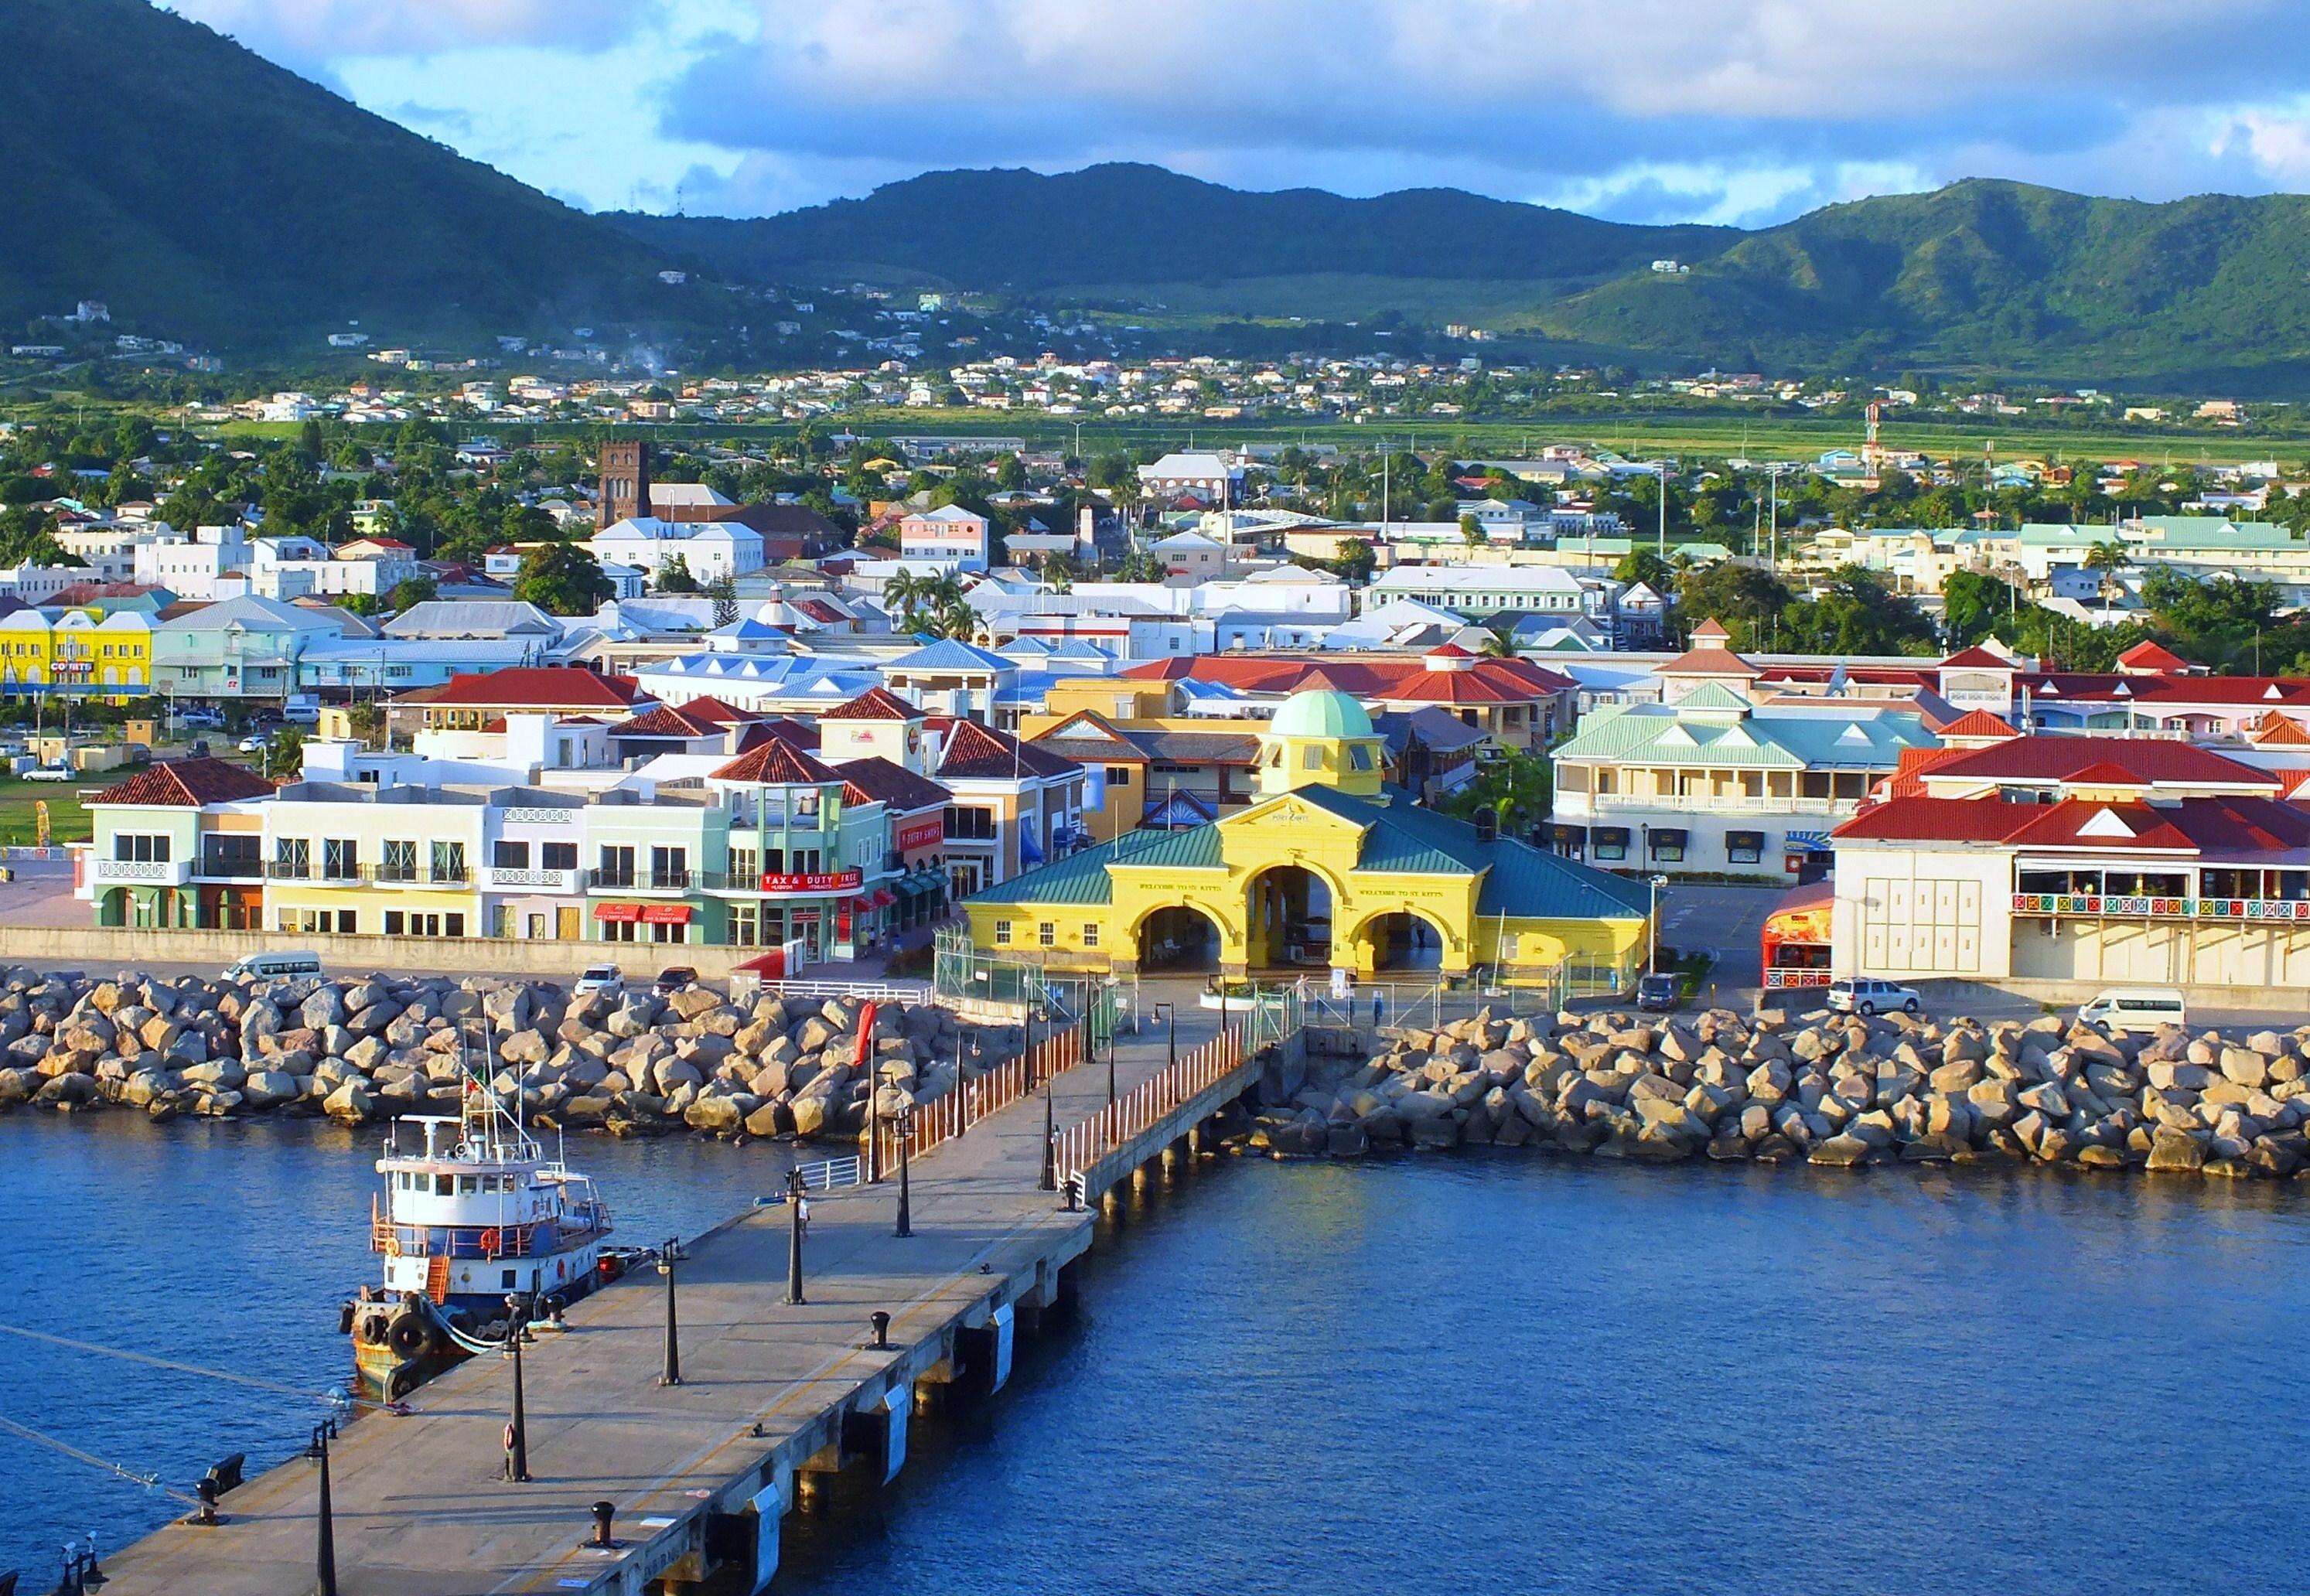 Noleggio Barche Basseterre – Isola di St. Kitts - Navalia | Noleggia un Sogno